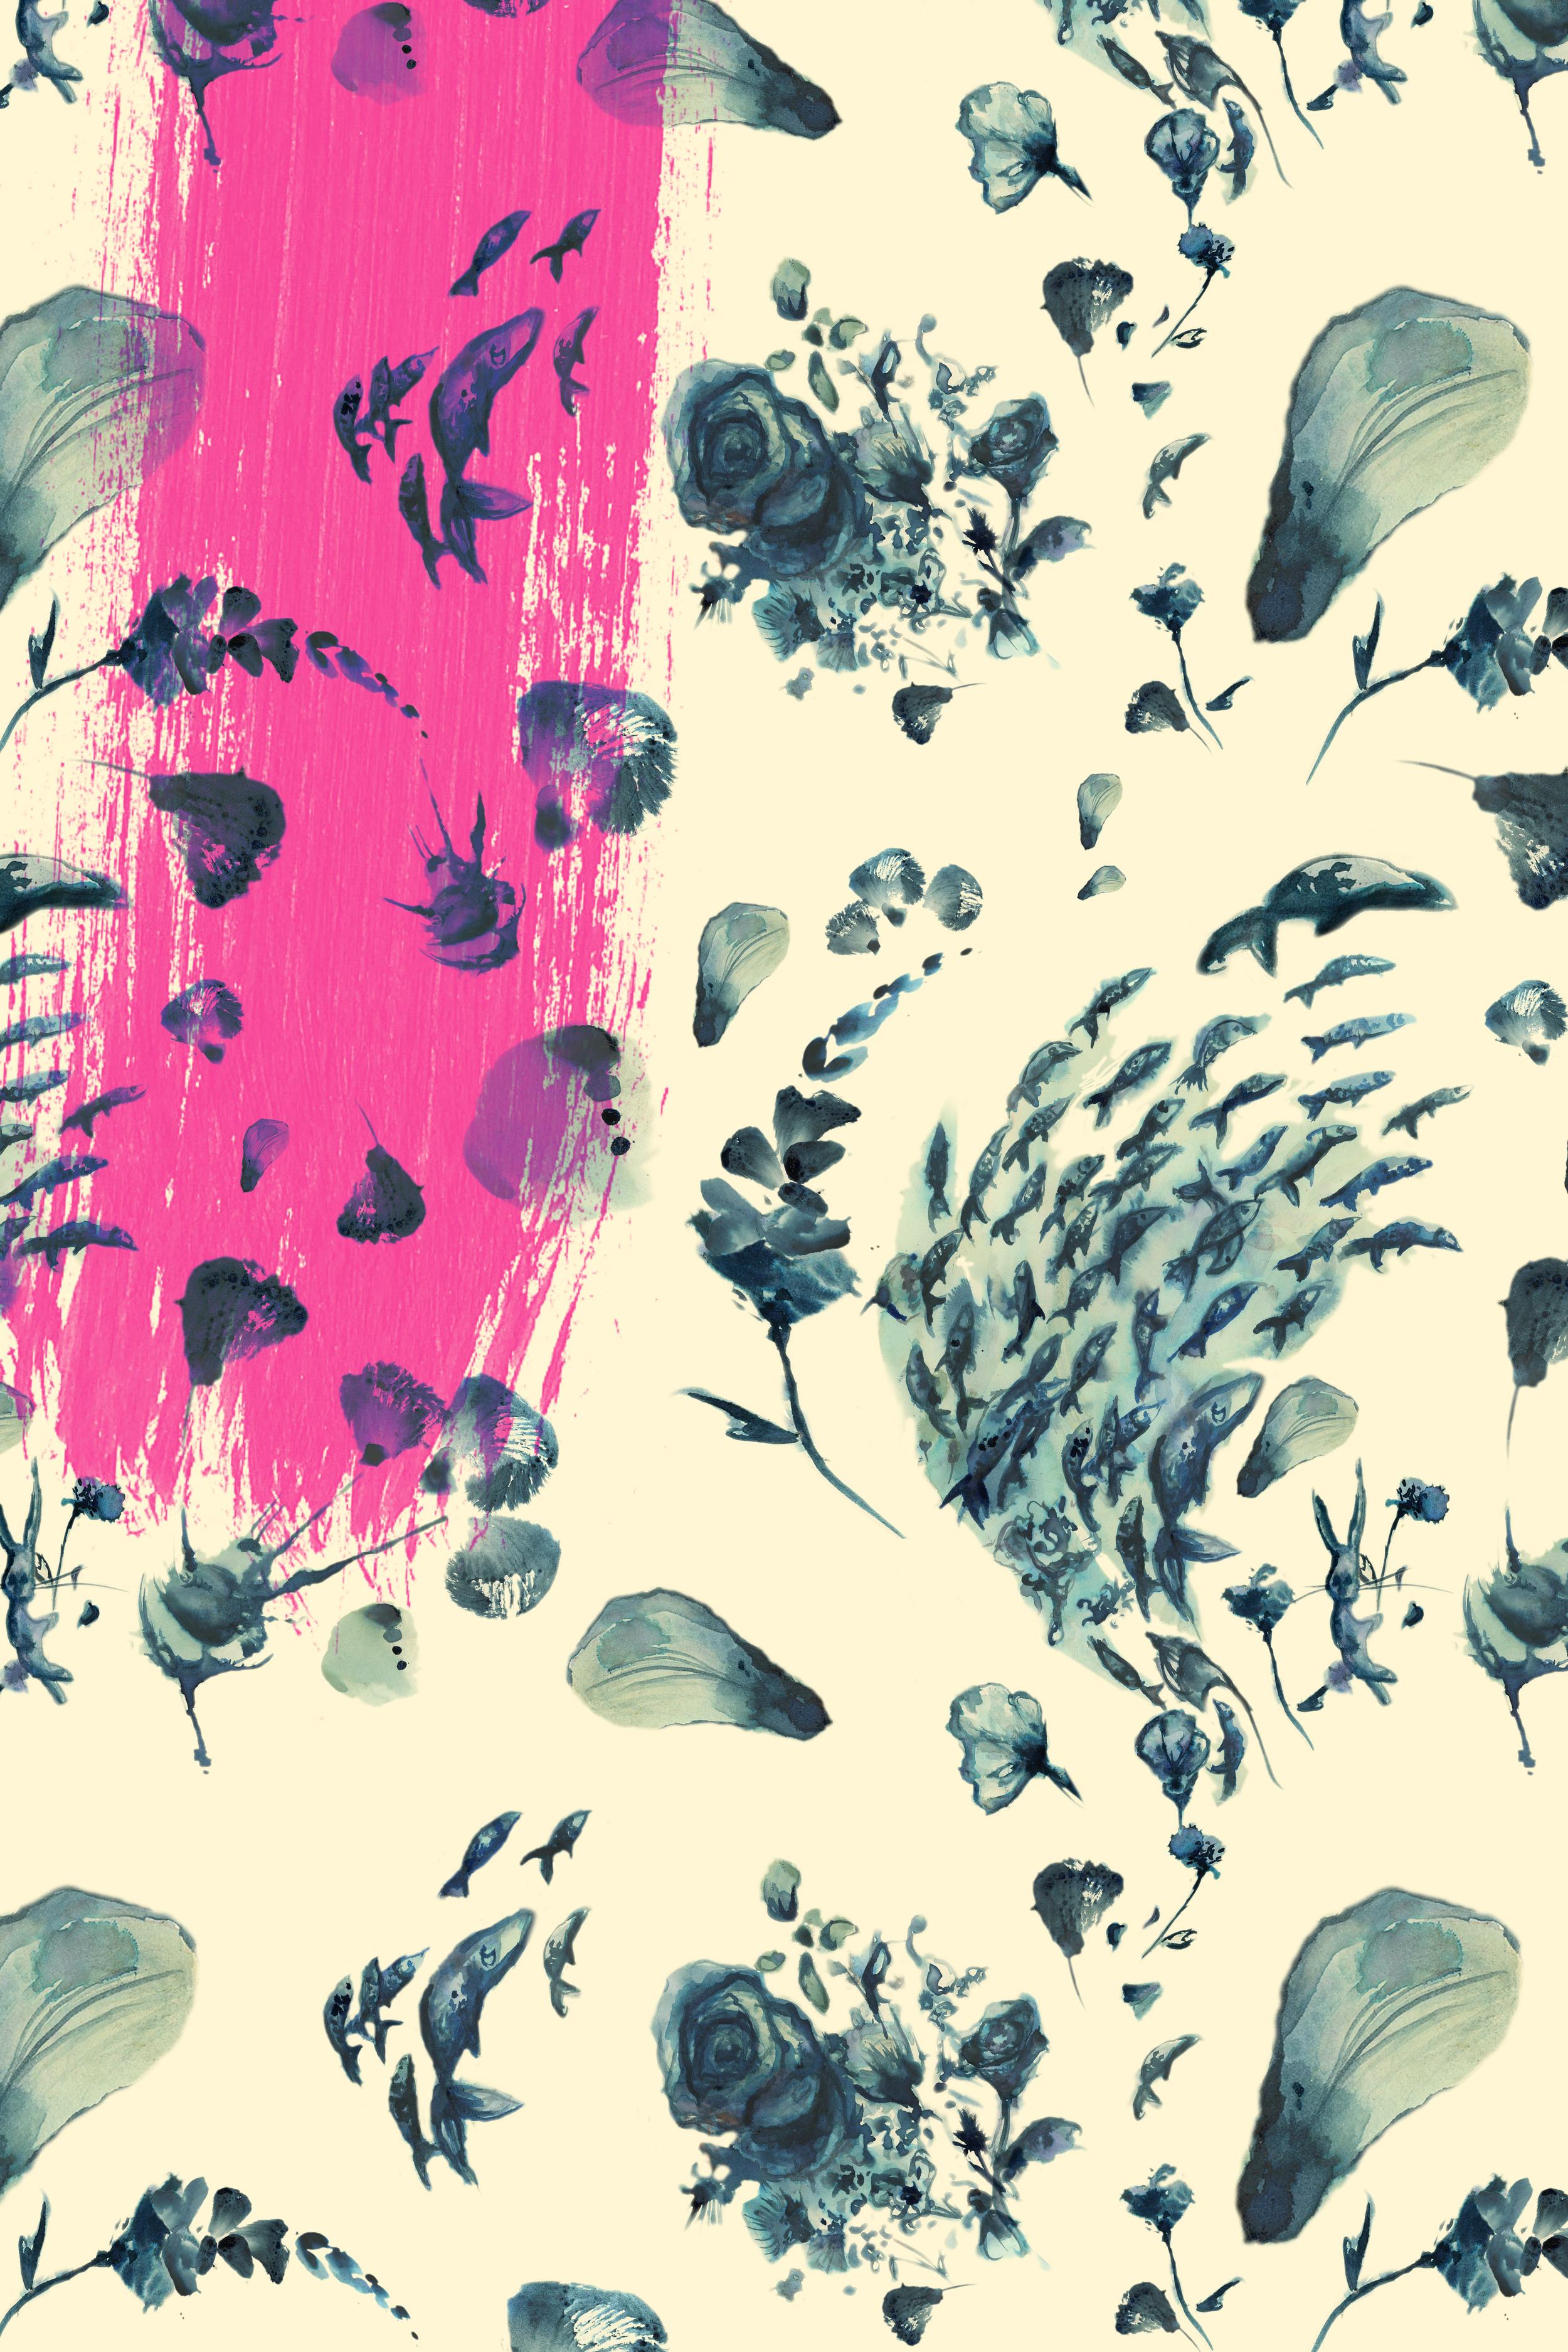 bluefish_pink stripe_01.jpg